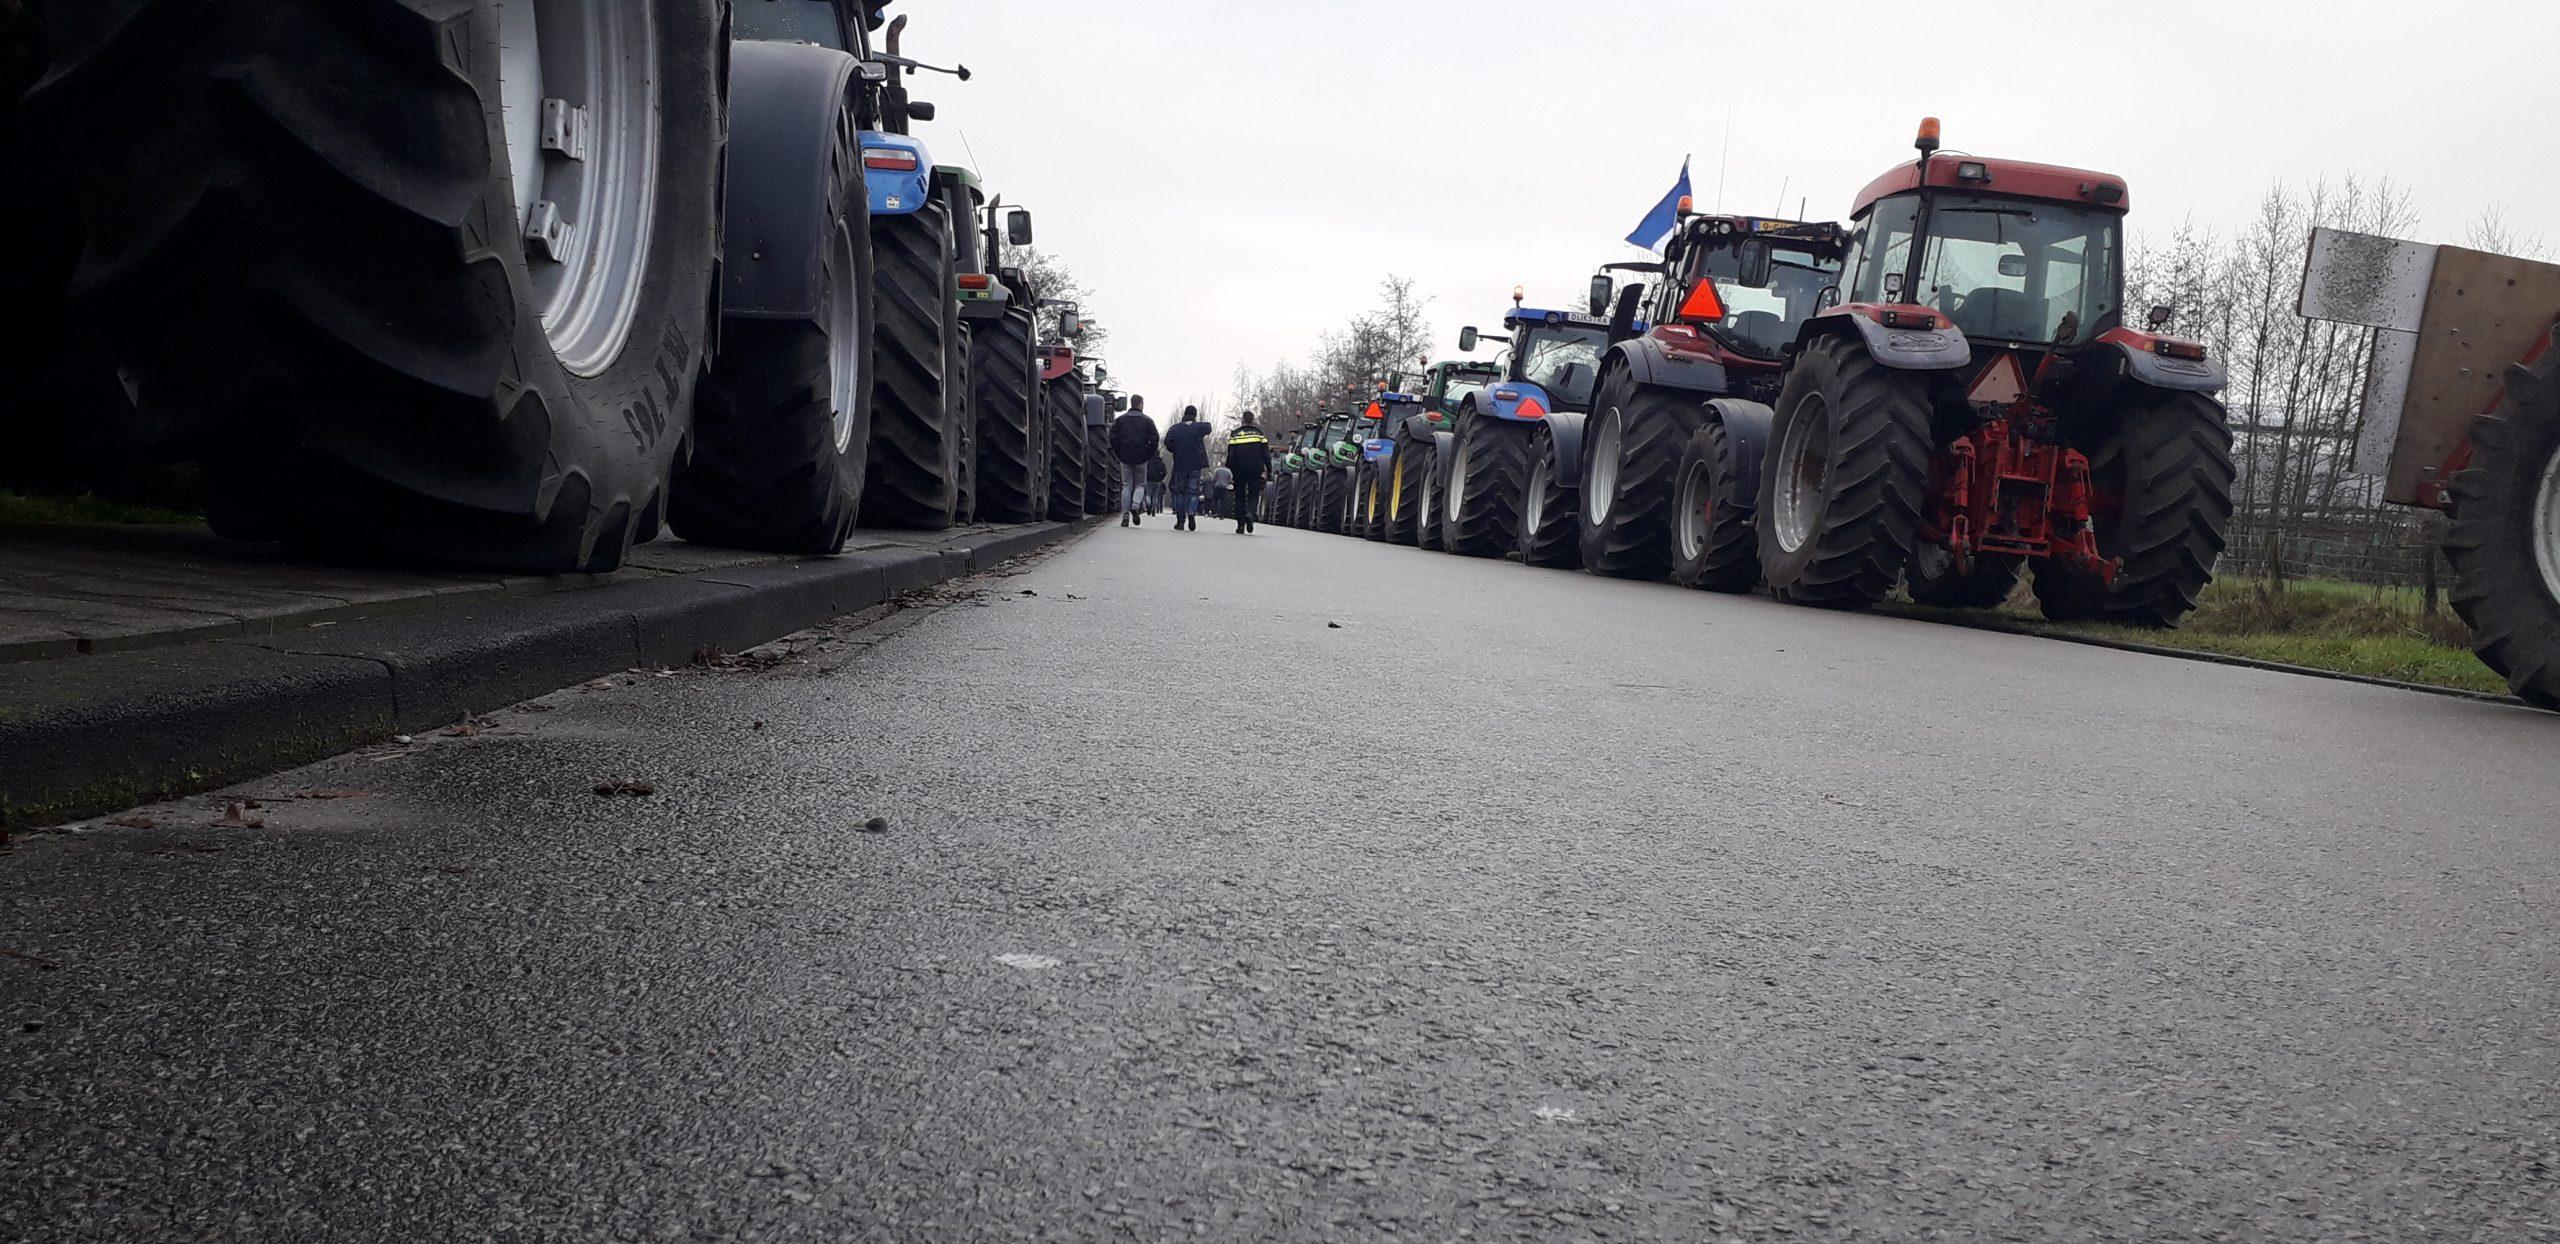 Veel verkeershinder door boerenprotesten in Fryslan